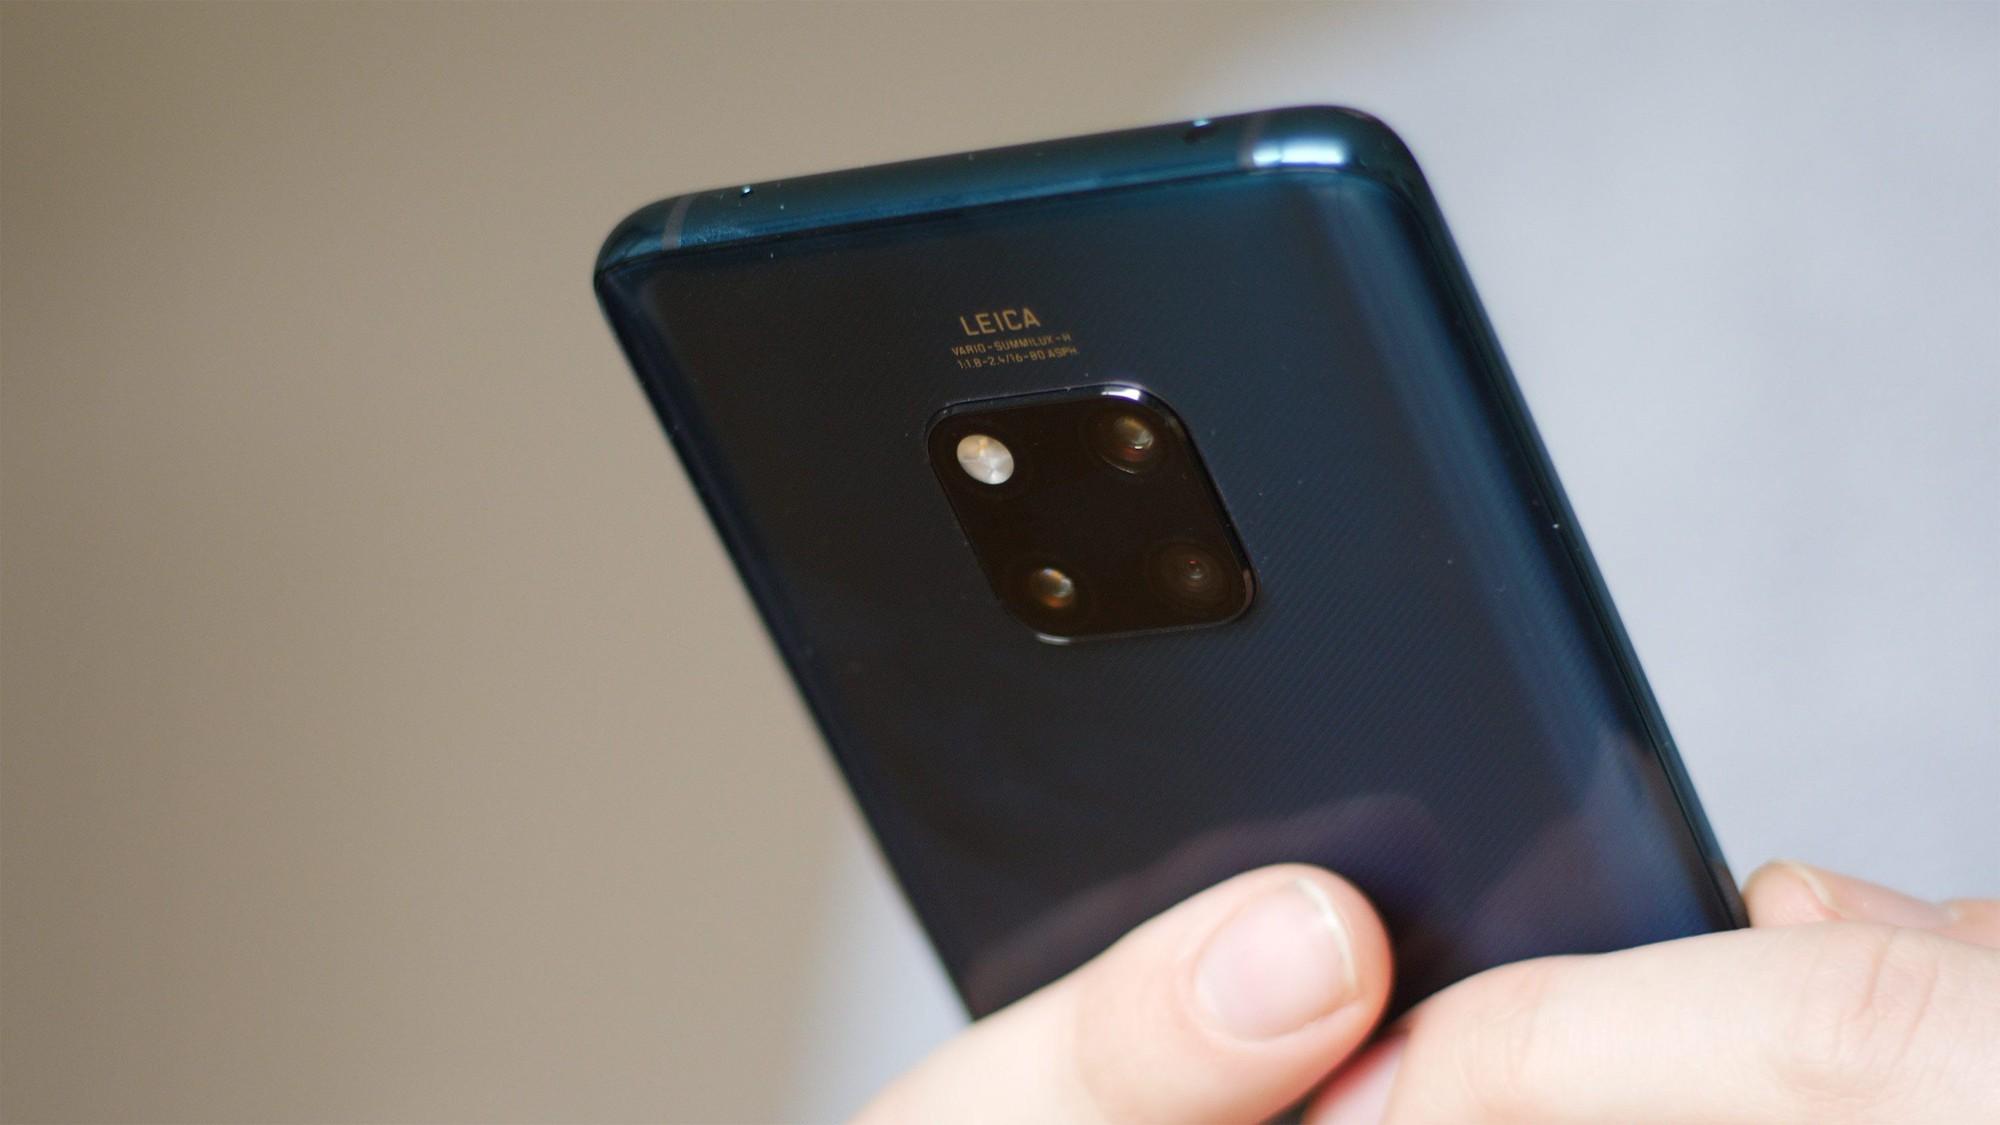 Huawei Mate 20 Pro bất ngờ quay trở lại danh sách cập nhật Android Q beta - Ảnh 1.